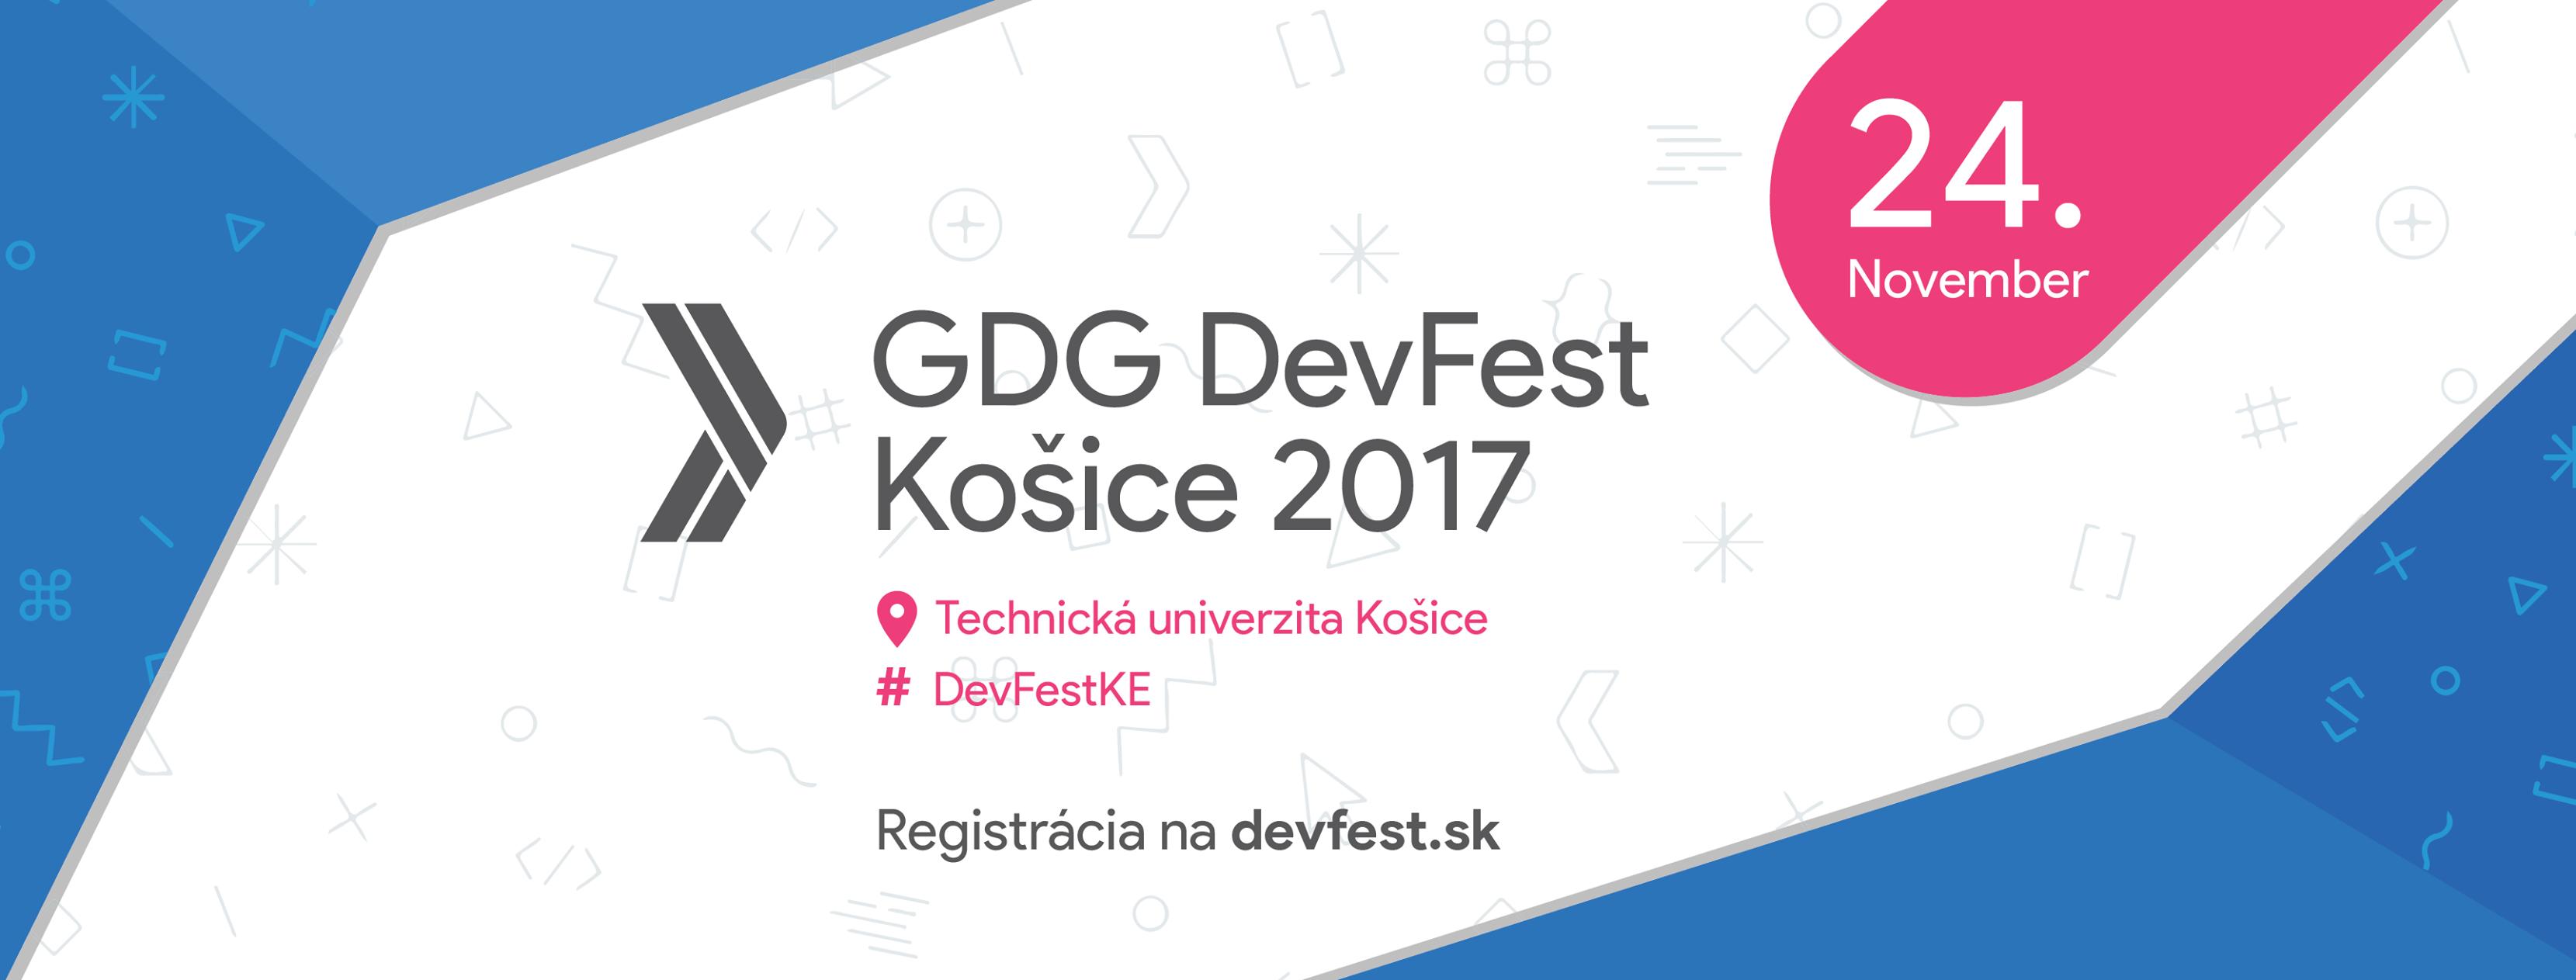 GDG DevFest Košice 2017. Zaži  konferenciu o Google technológiach na Slovensku! 1